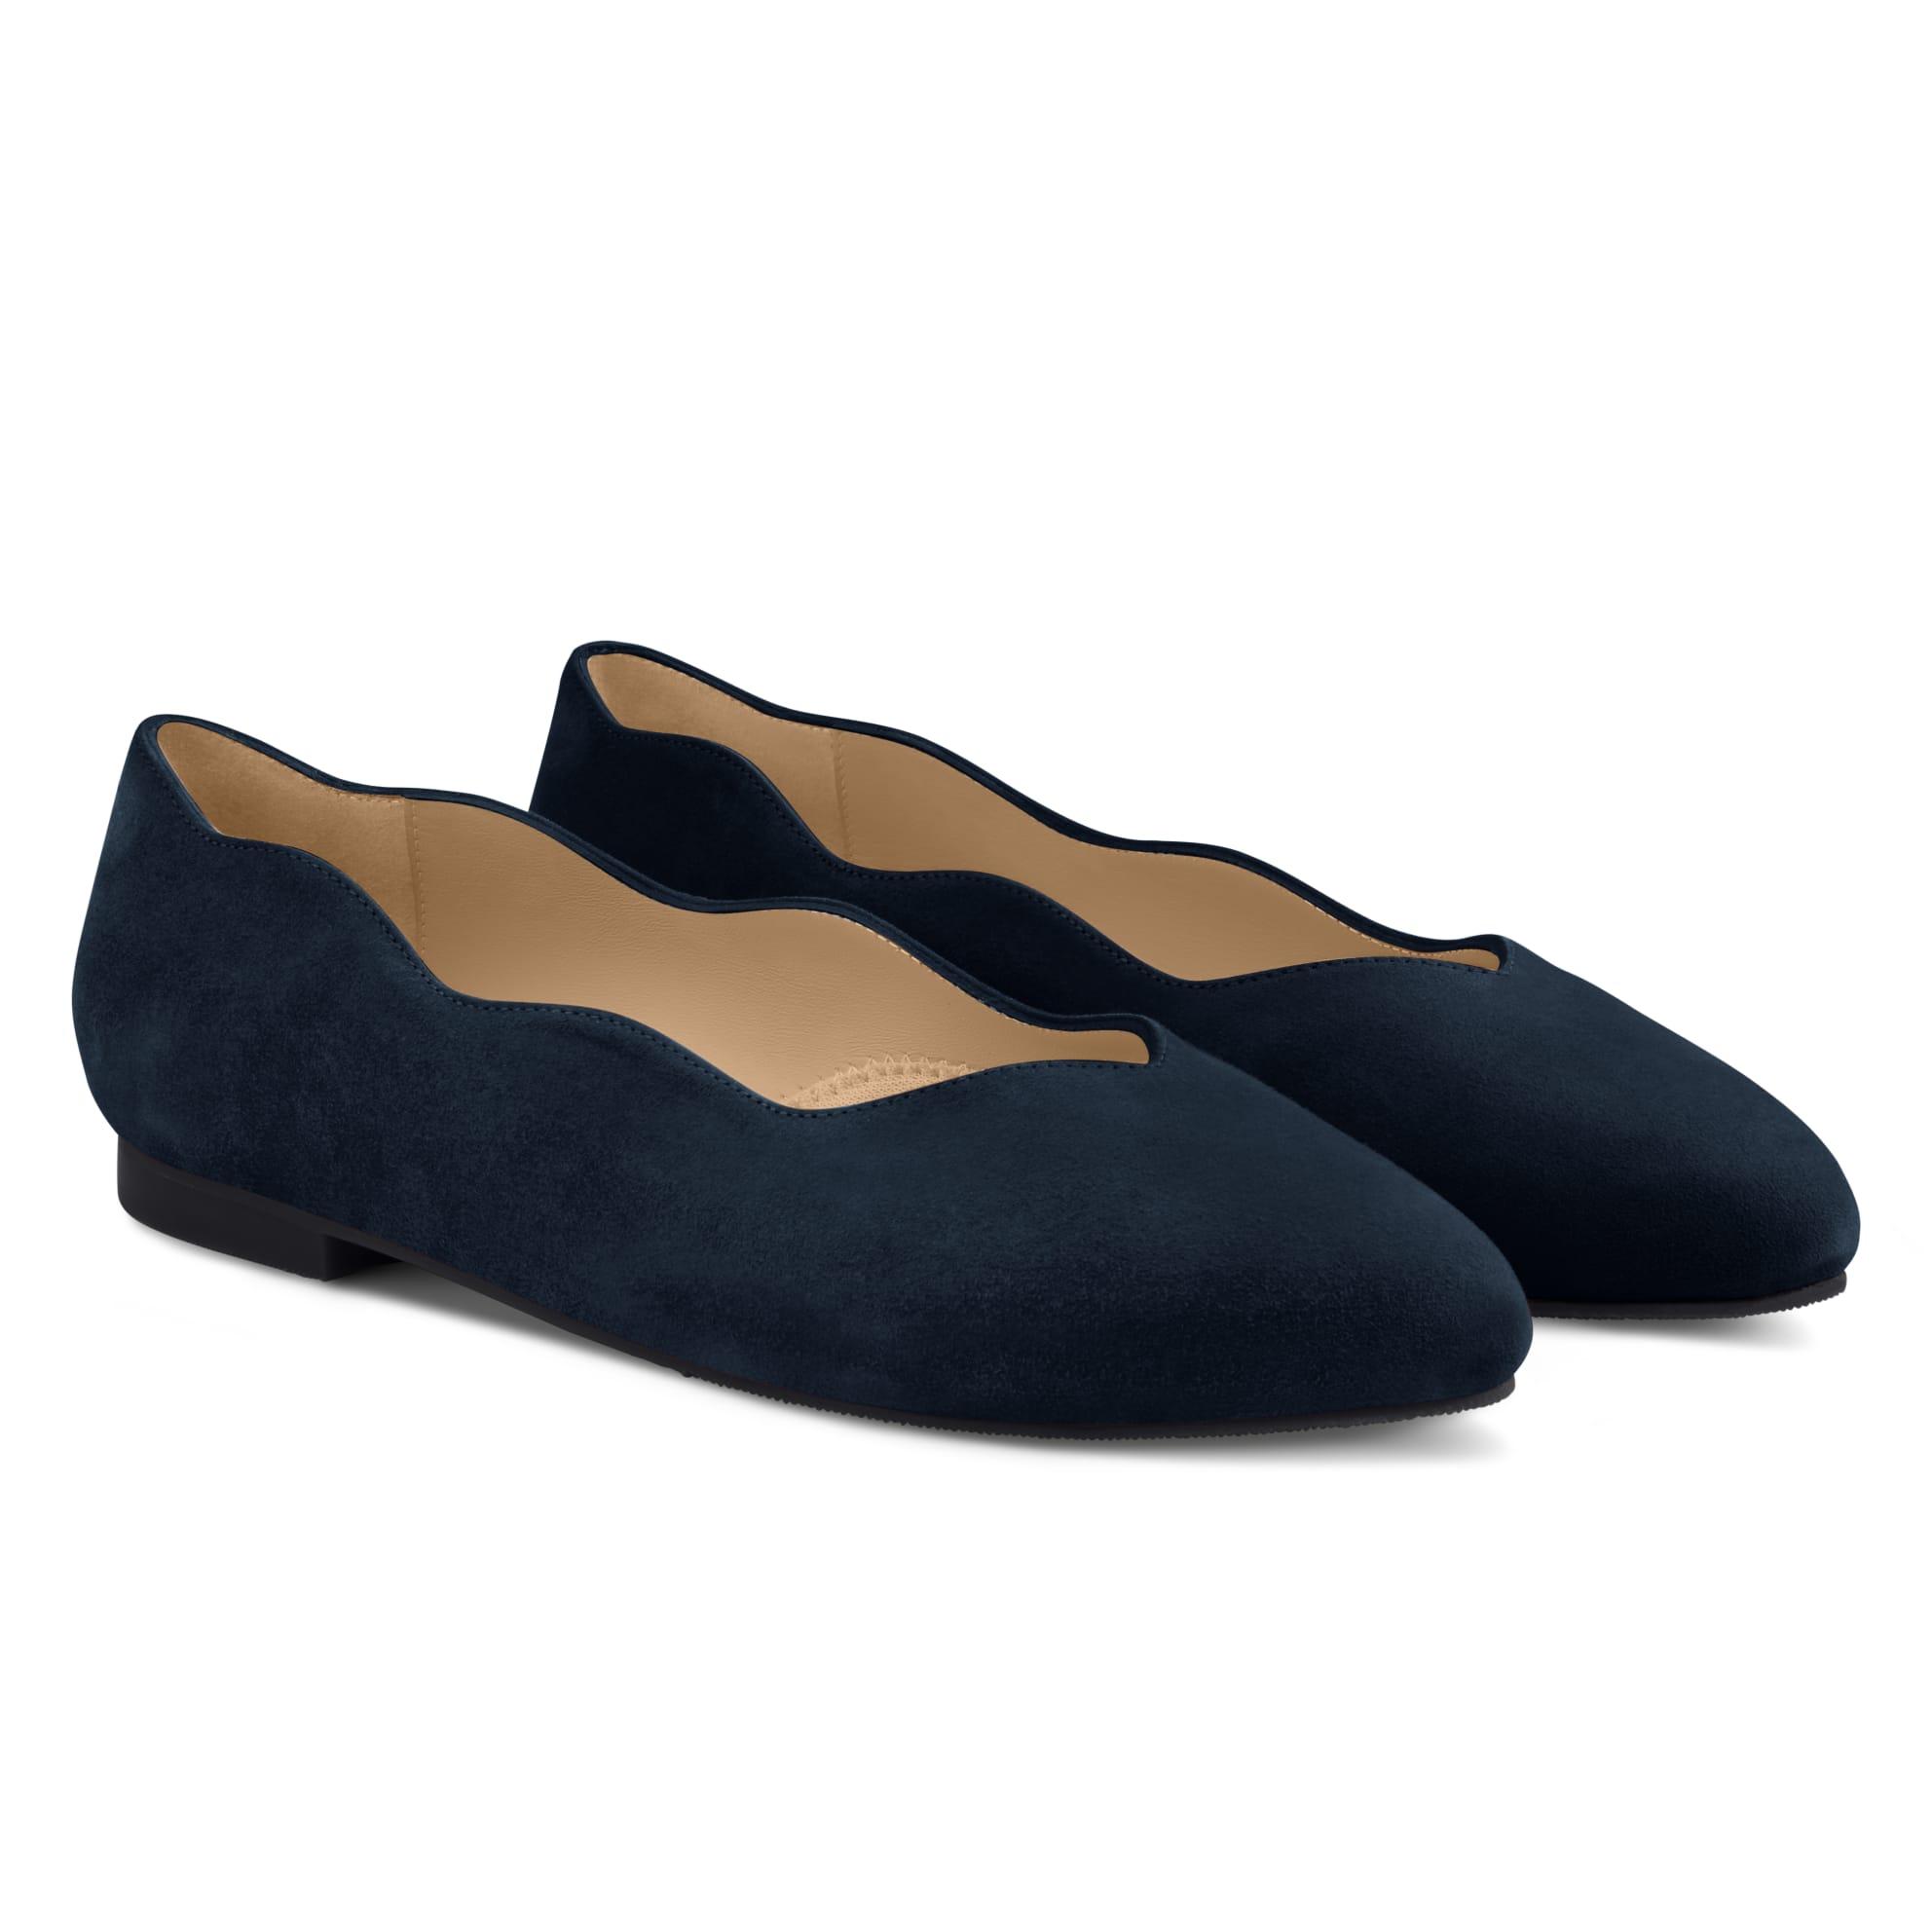 Ballerina Wave Marine – modischer und bequemer Schuh für Hallux valgus und empfindliche Füße von LaShoe.de